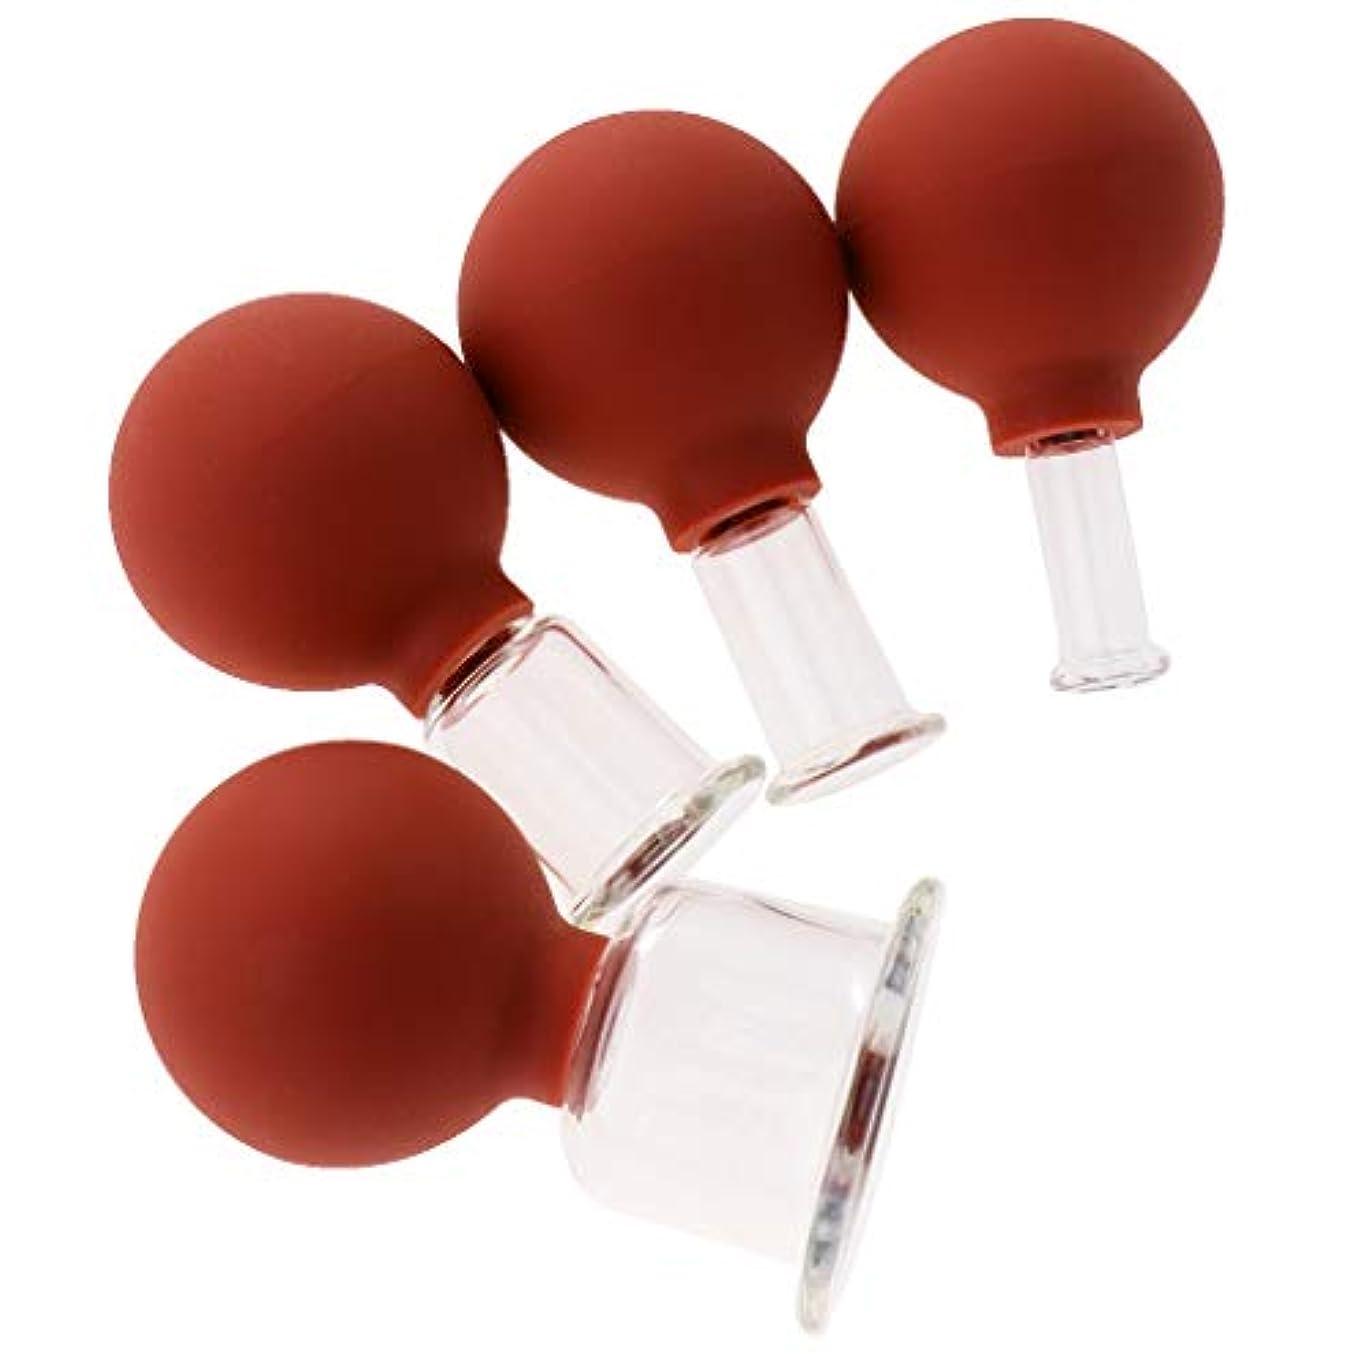 梨科学的メキシコD DOLITY マッサージカップ 吸い玉 カッピングセット ガラスカッピング 真空 男女兼用 ギフト 4個 全3色 - 赤茶色